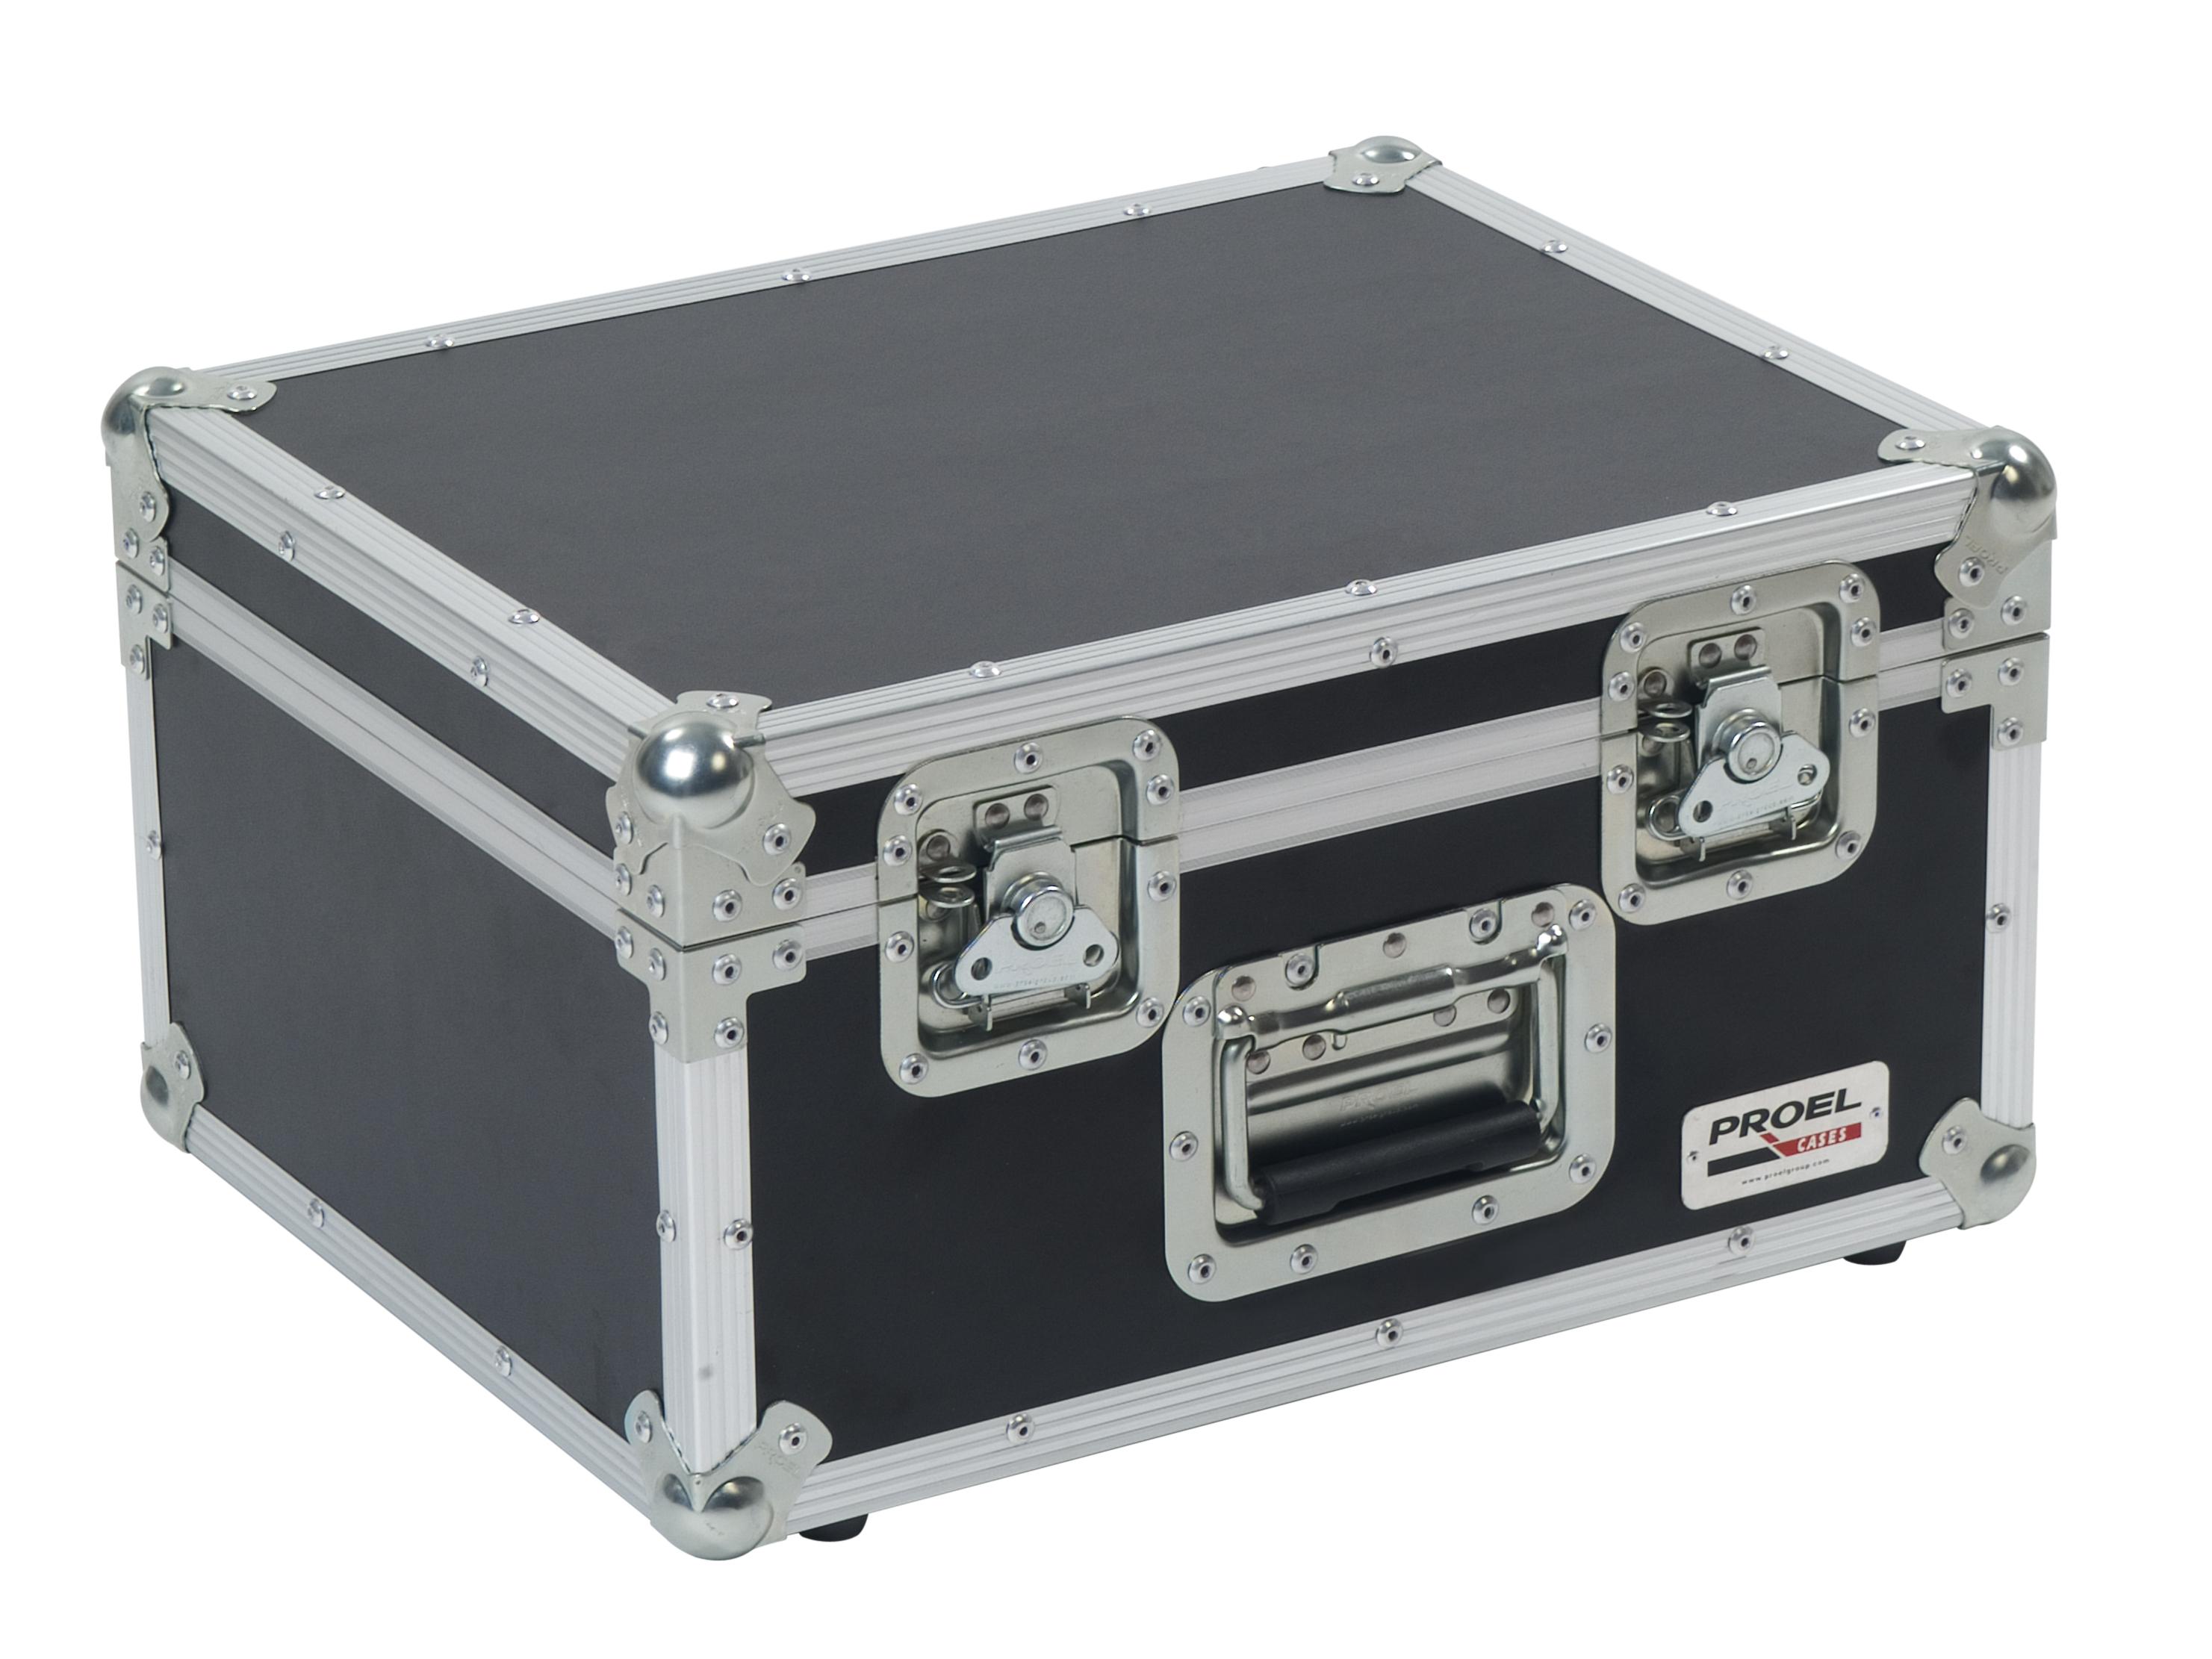 PROEL SL05BLK - Nuova custodia professionale multifunzione